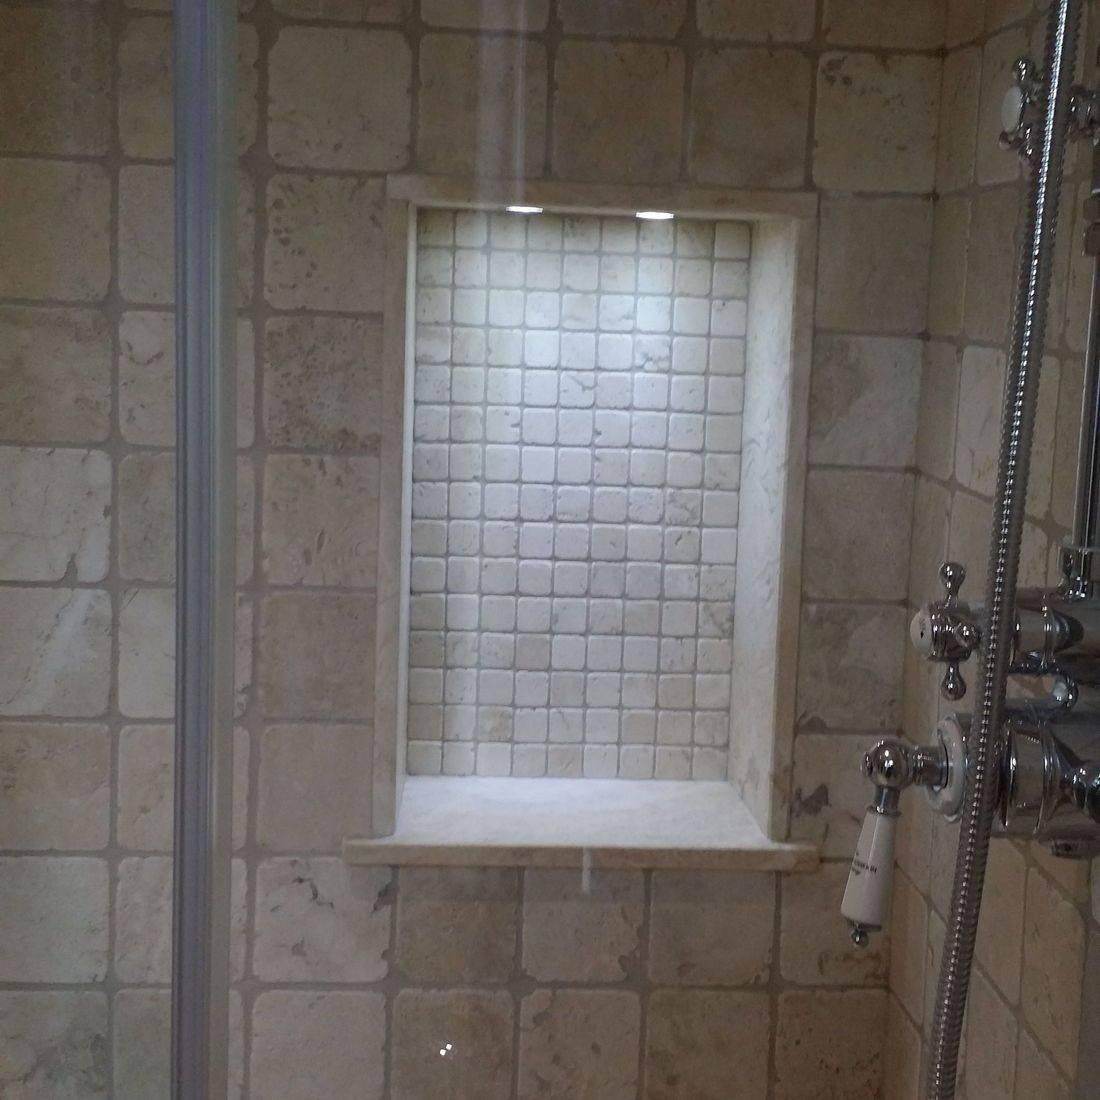 shower tiled niche,bathroom renovation,tiles,tiler,fitting,tiling,mosaic,